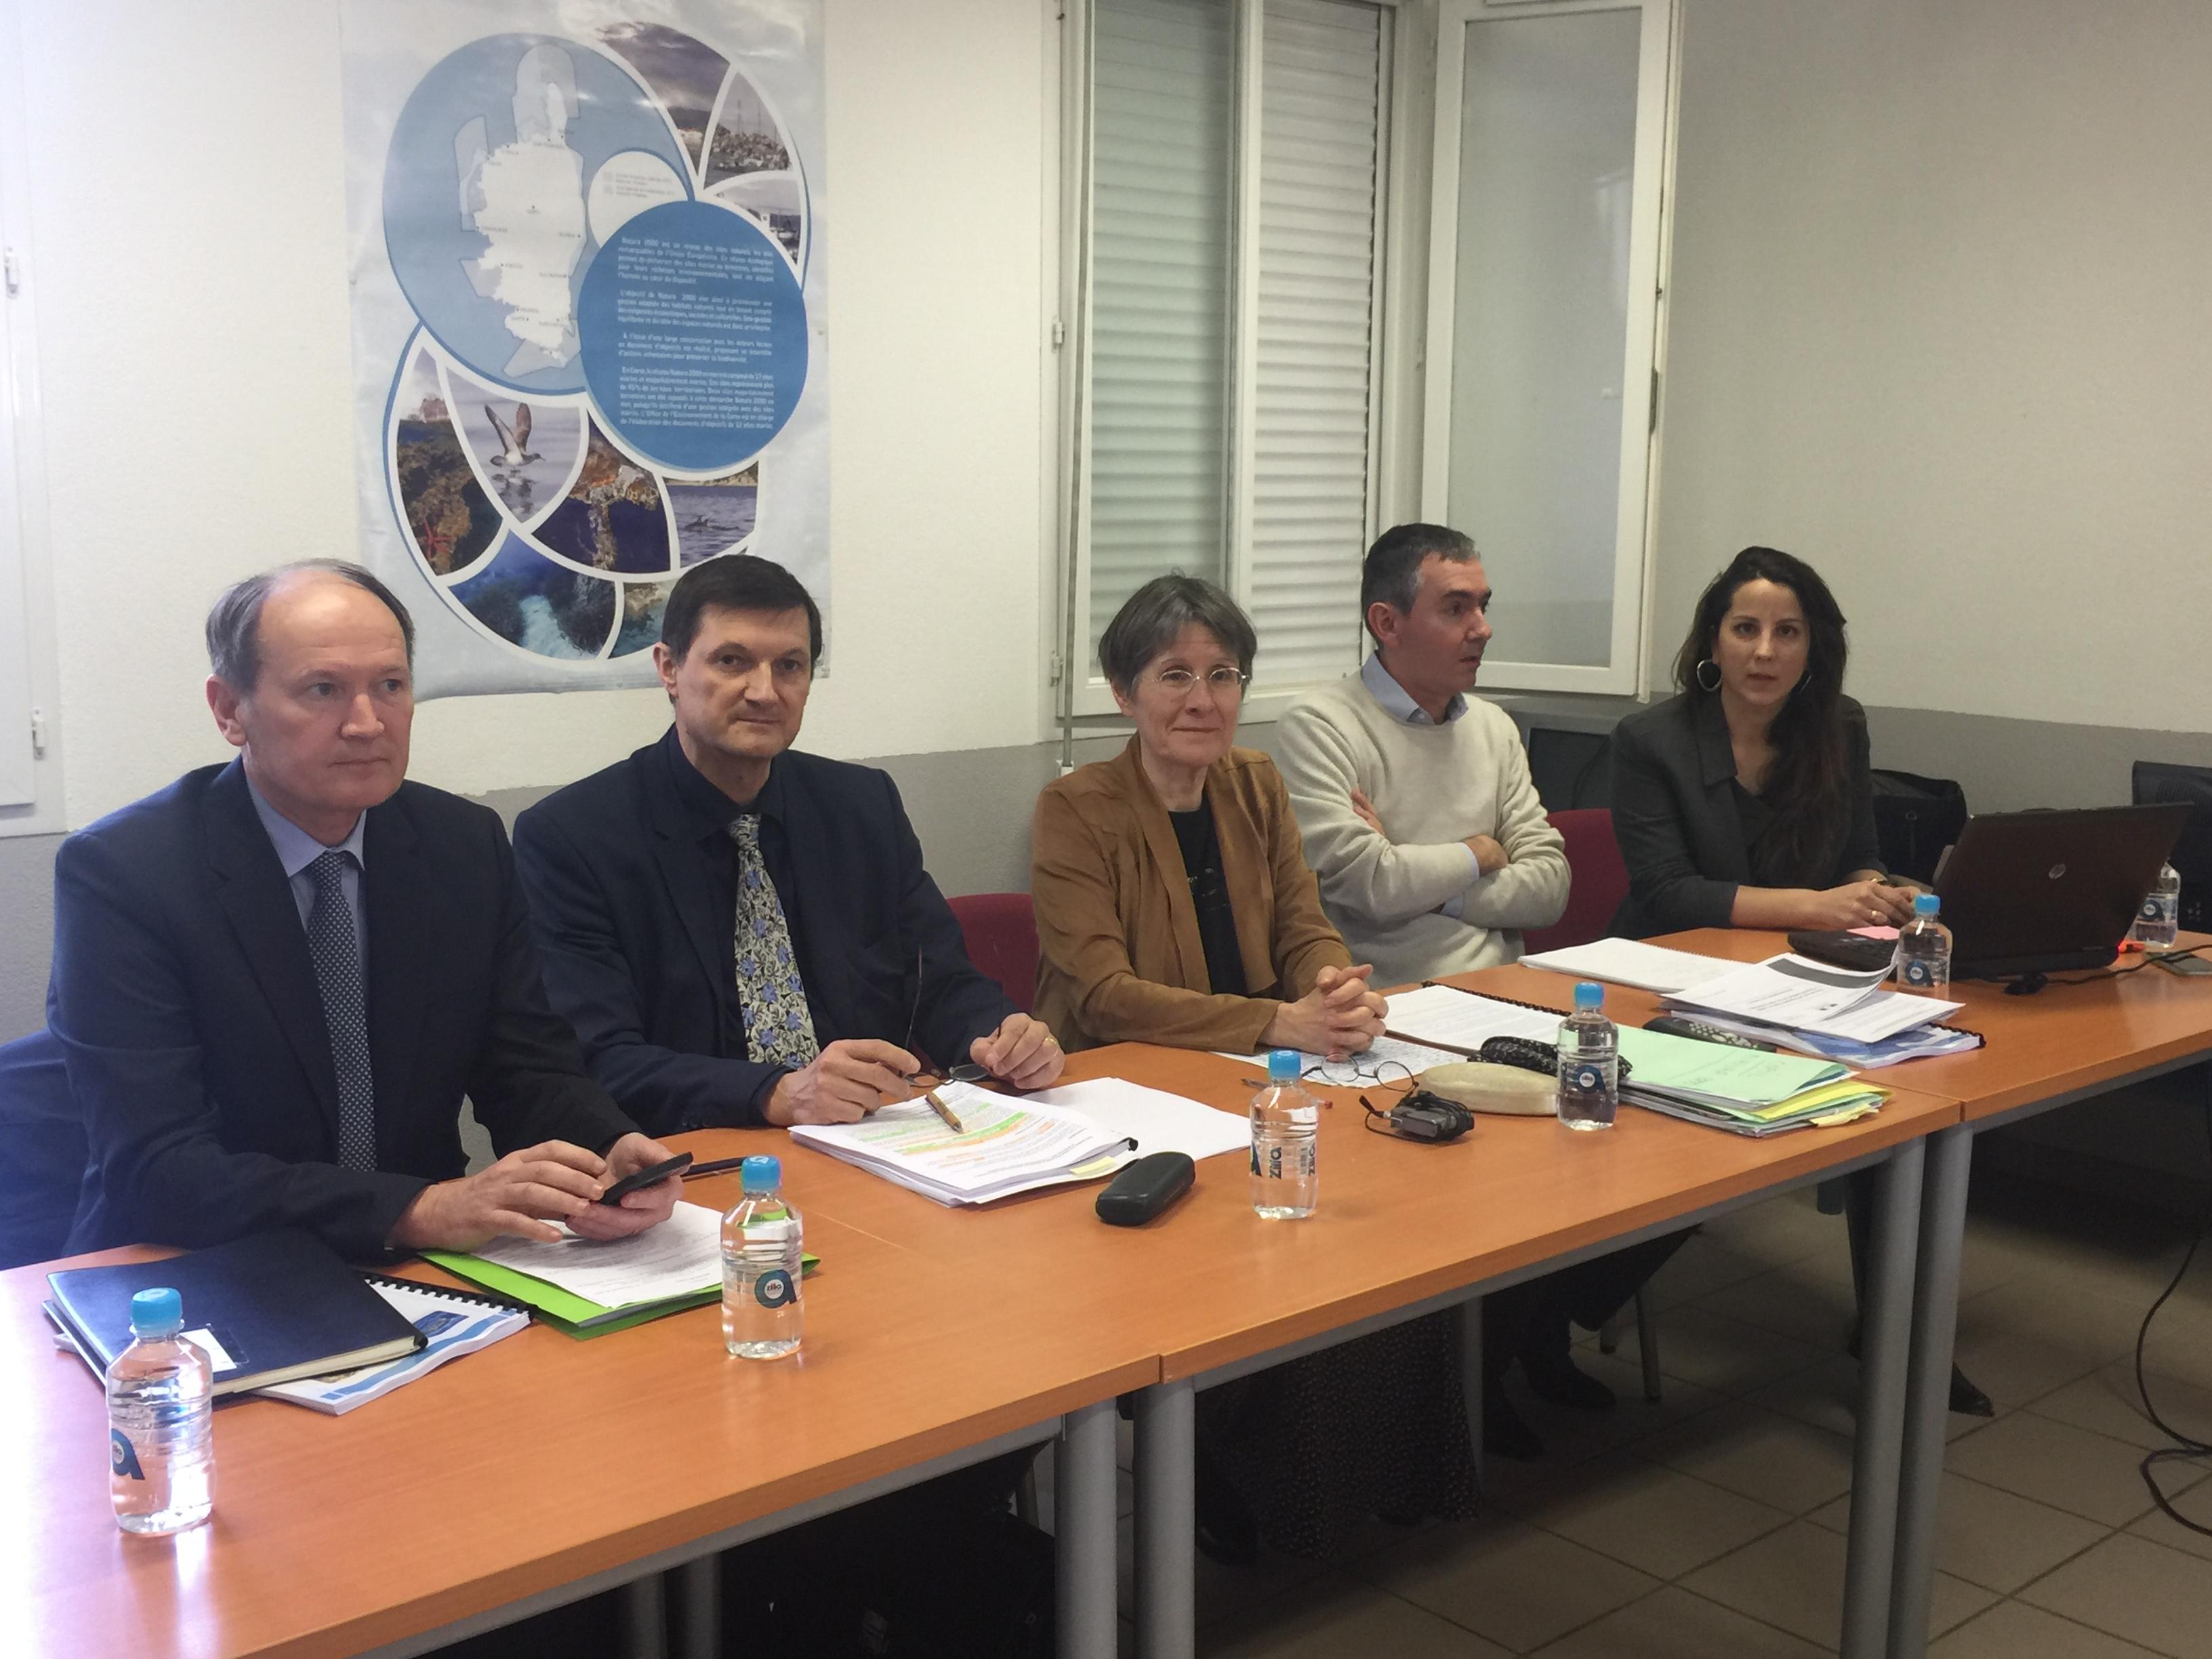 Agnès Simonpietri, présidente de l'Office de l'Environnement de la Corse, Magali Cannac, chargée du dossier, Thierry Duchesne, adjoint au préfet maritime de la Méditerranée, Pascal Vardon (DDTM) et Henri Retali (Dreal).